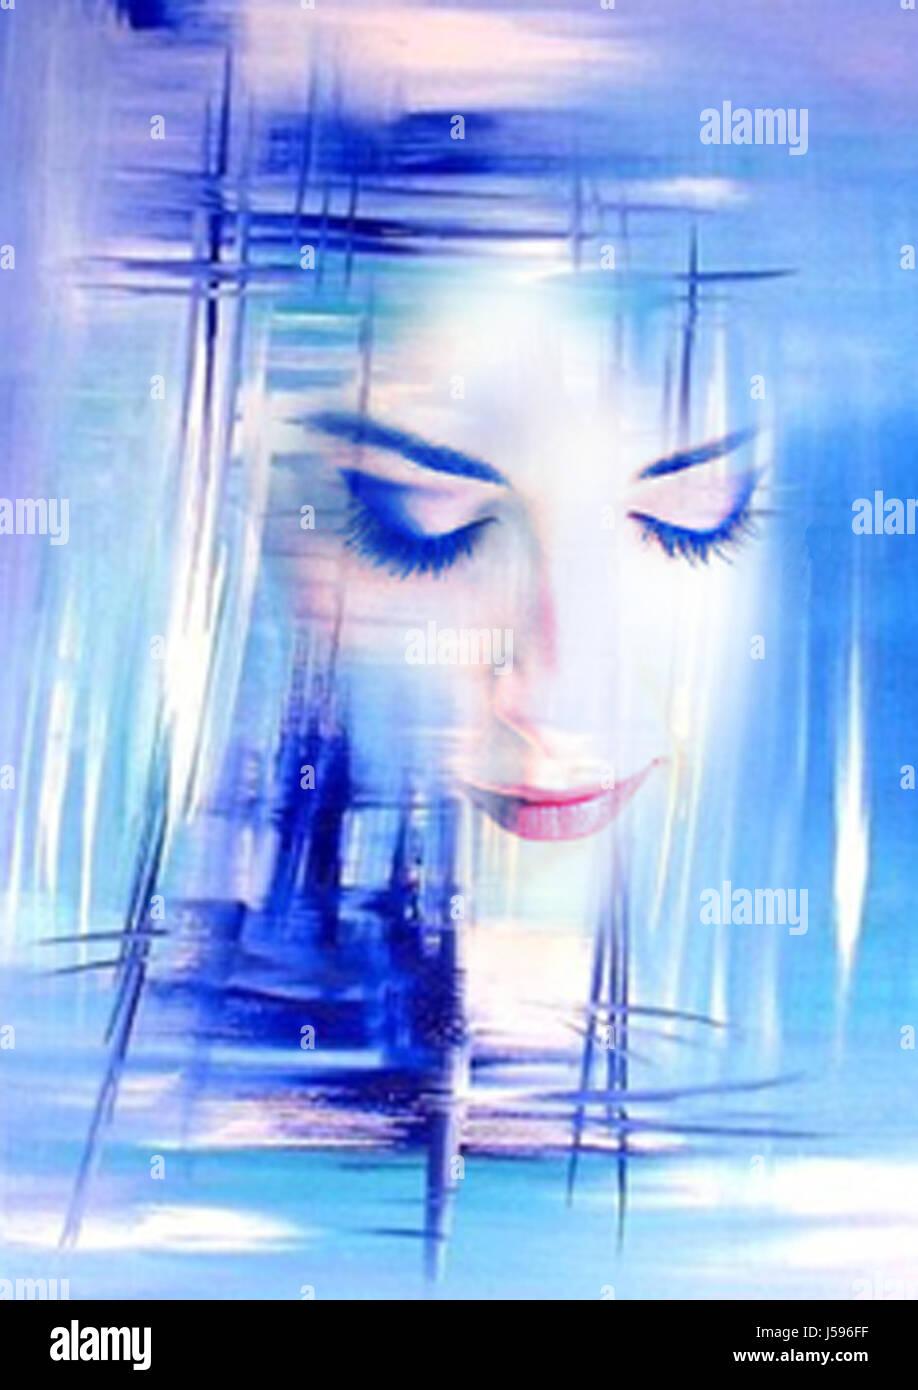 Mujer azul Retrato abstracto pintado foto imagen copiar Foto de stock